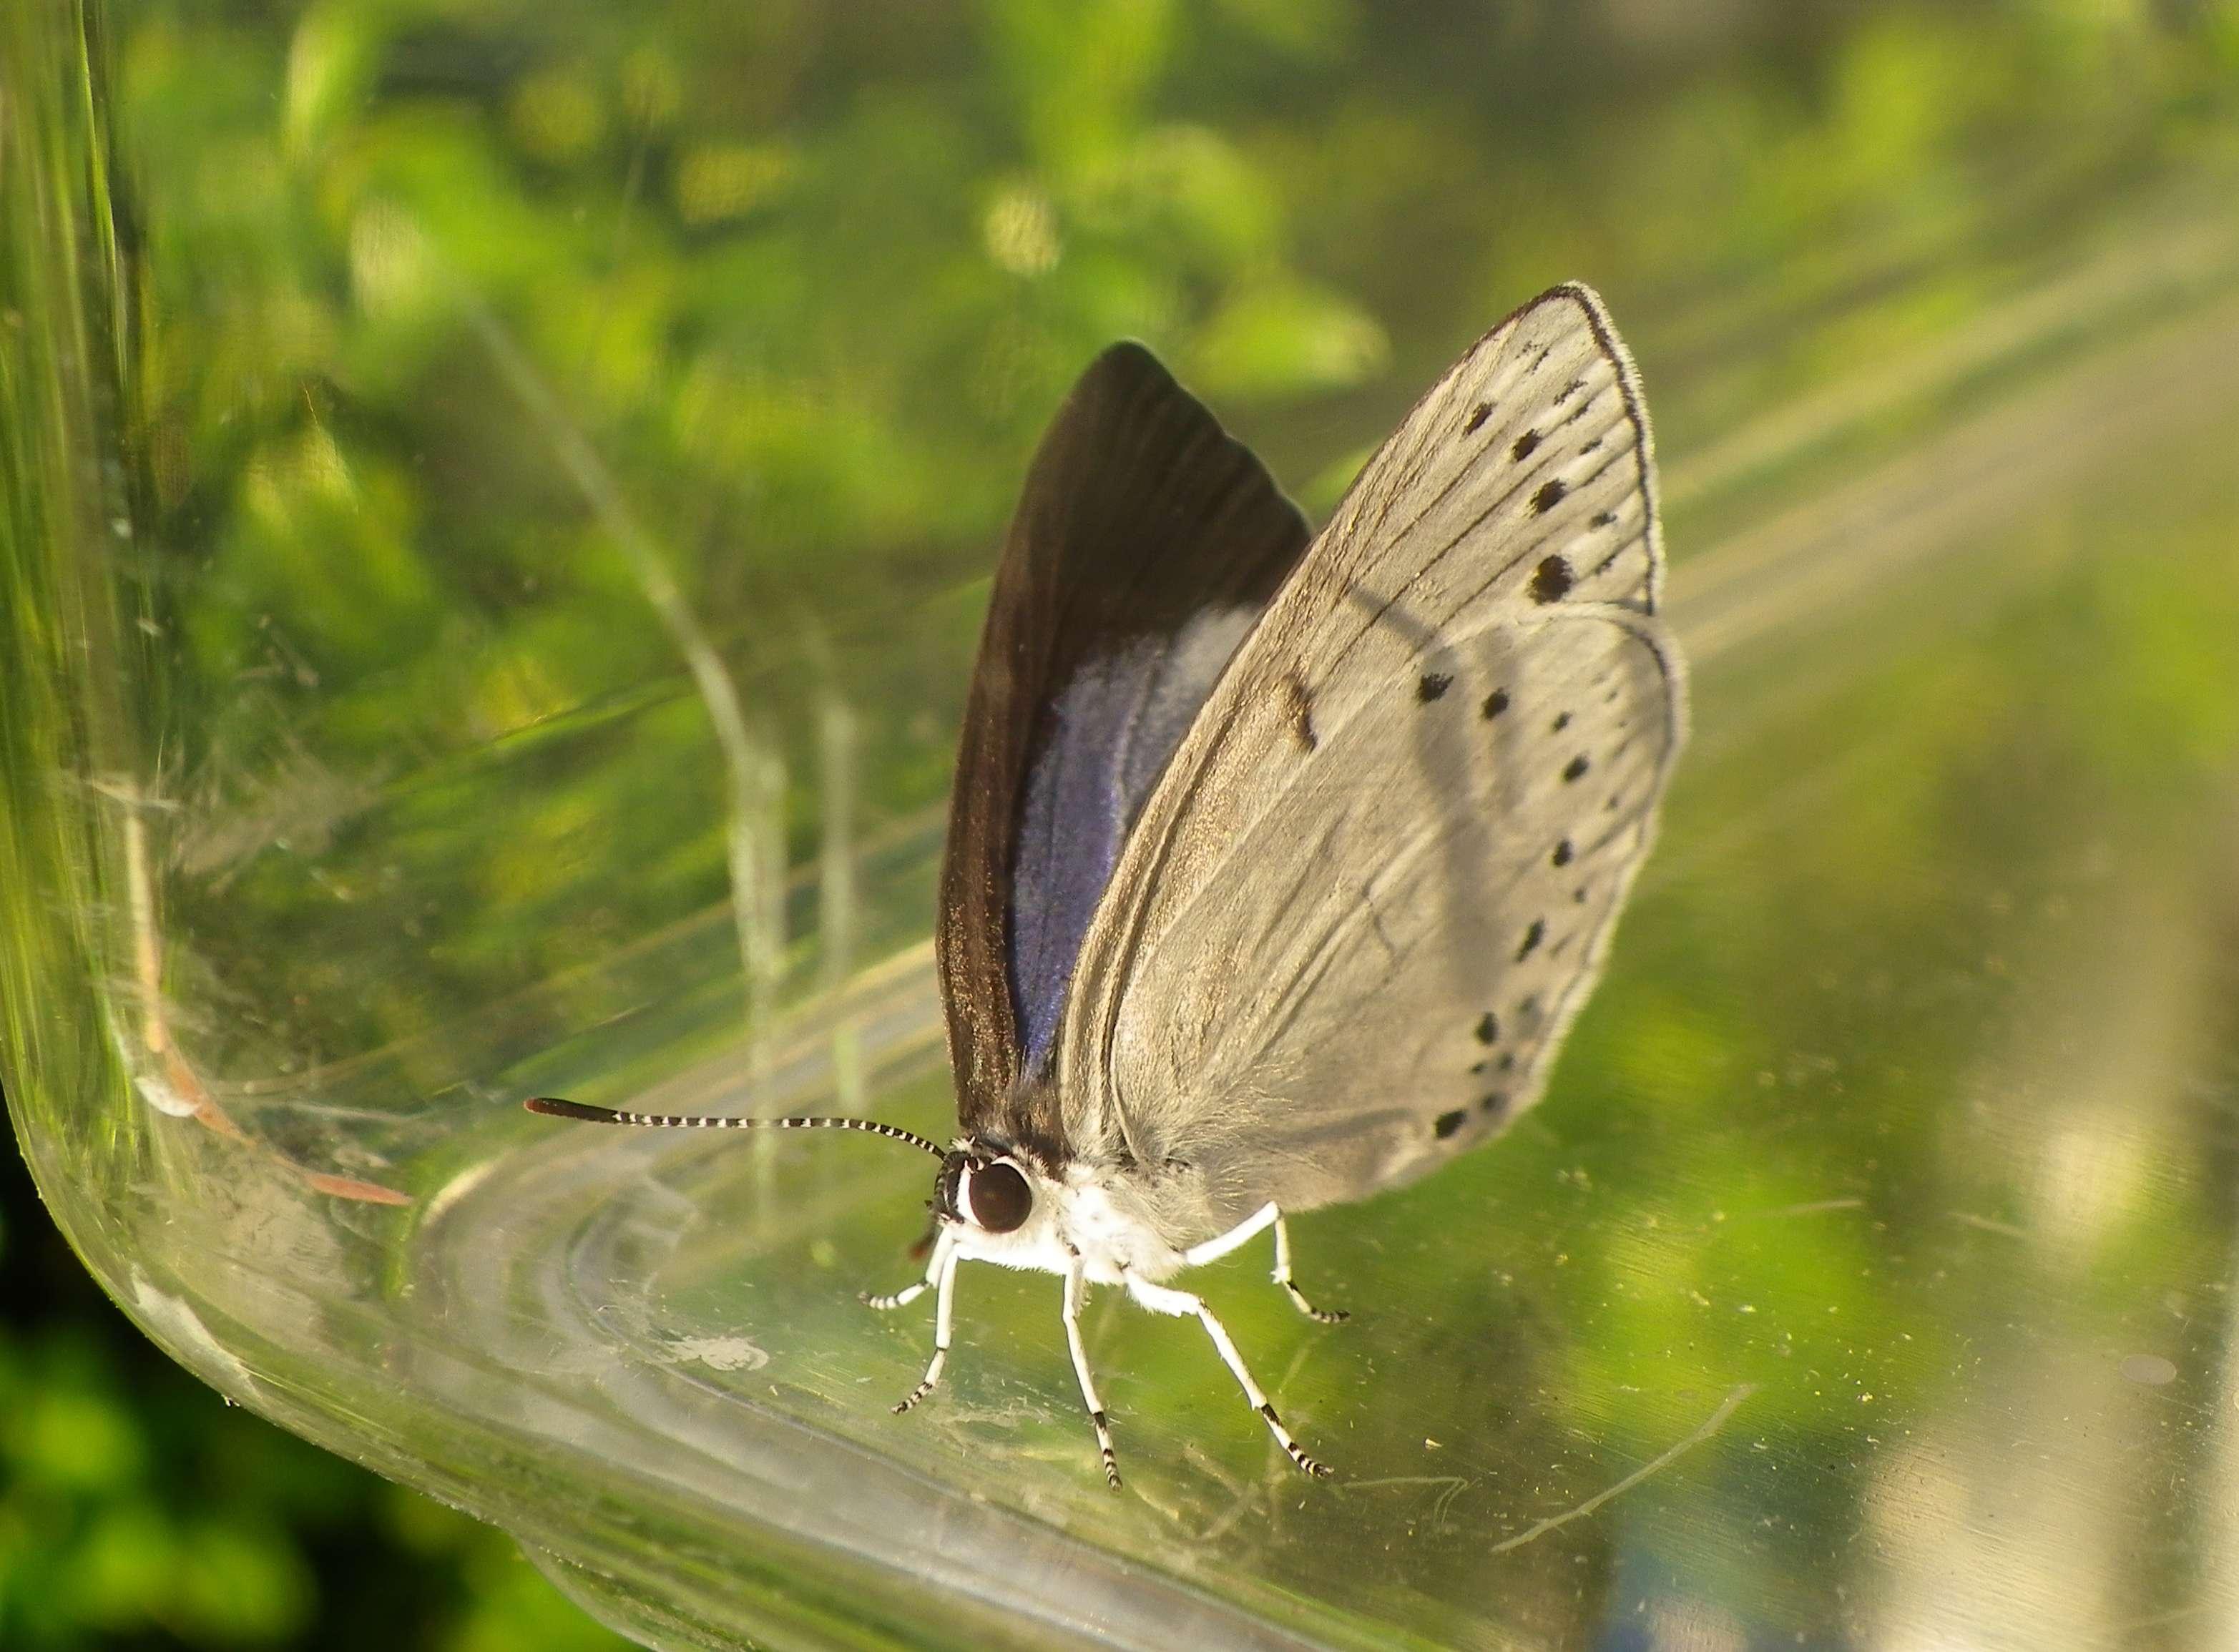 ウラゴマダラシジミの放蝶 5月13日_d0254540_1743556.jpg